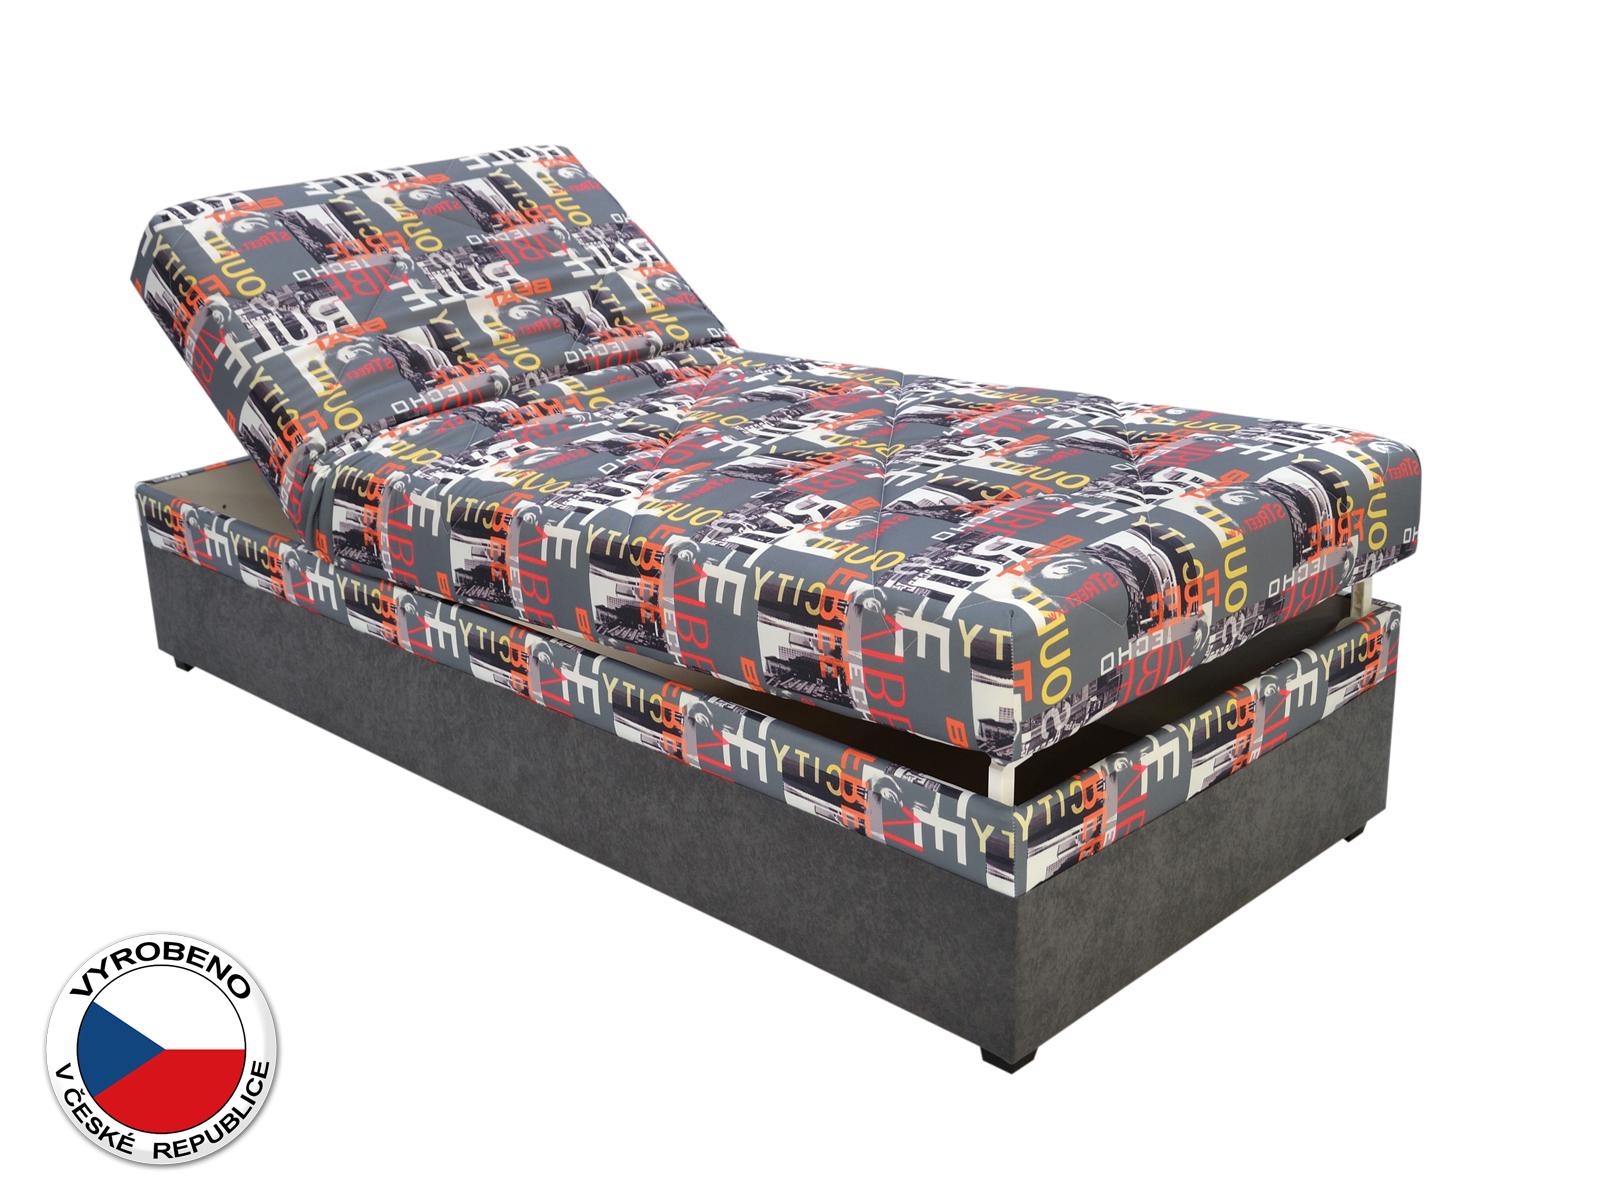 Jednolůžková postel (válenda) 90 cm - Blanár - Evelina (vzor City Beat 04) (s roštem a matrací)